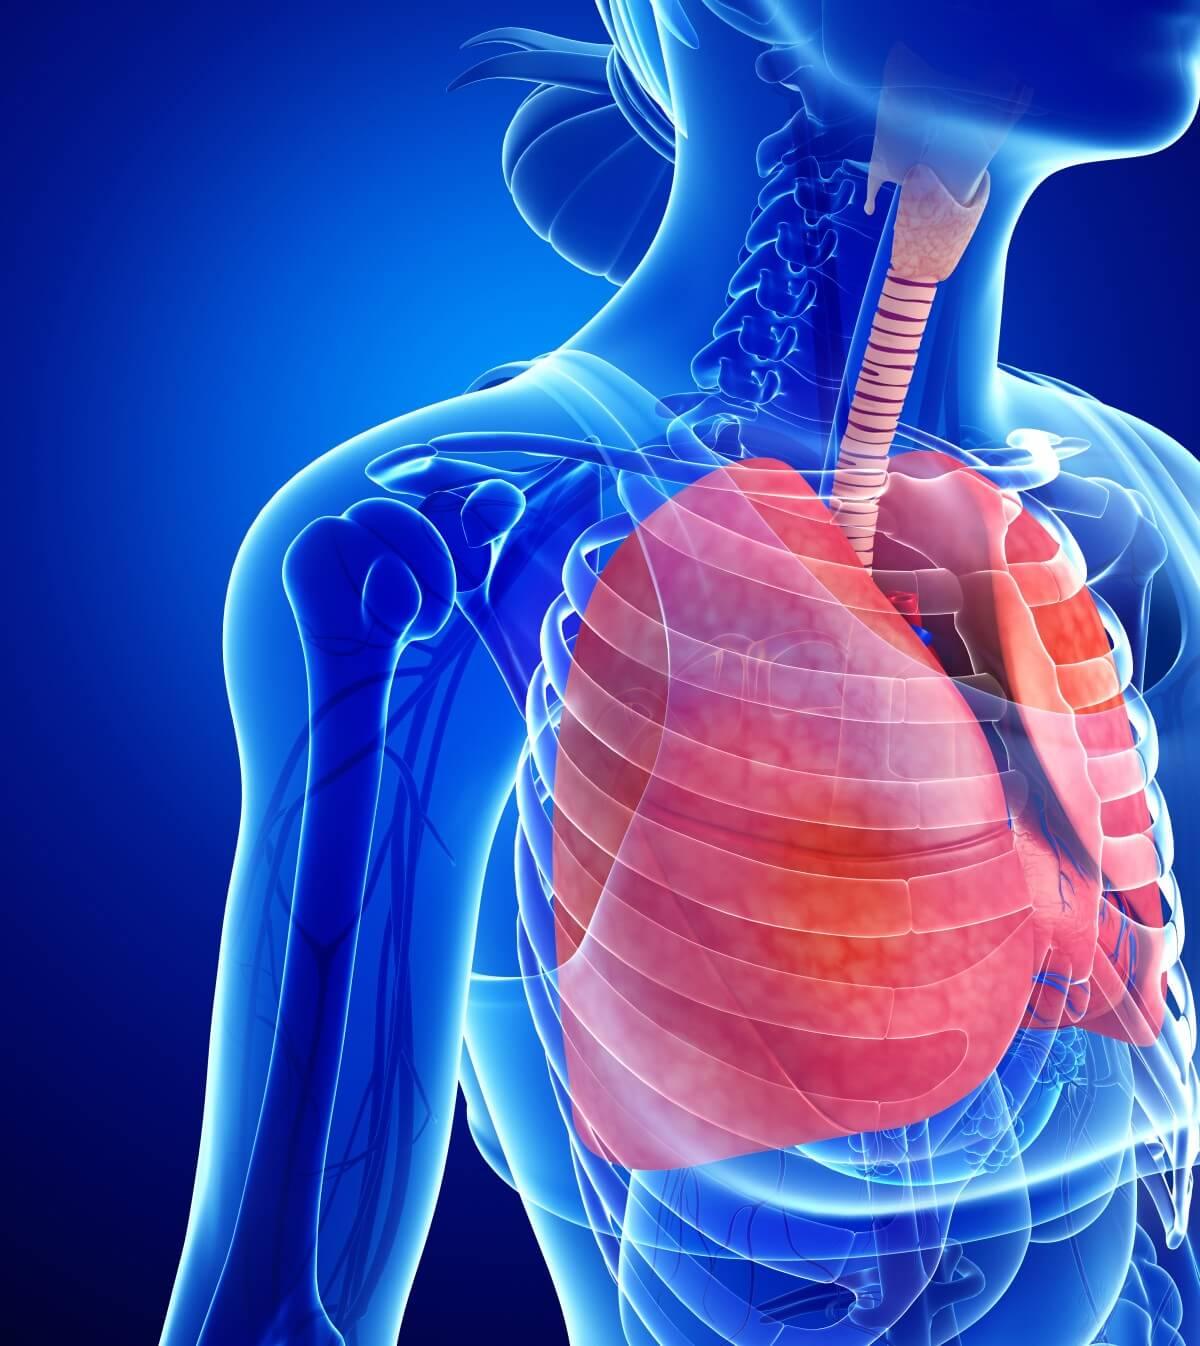 Rippenfellentzündung - Die typischen Symptome erkennen